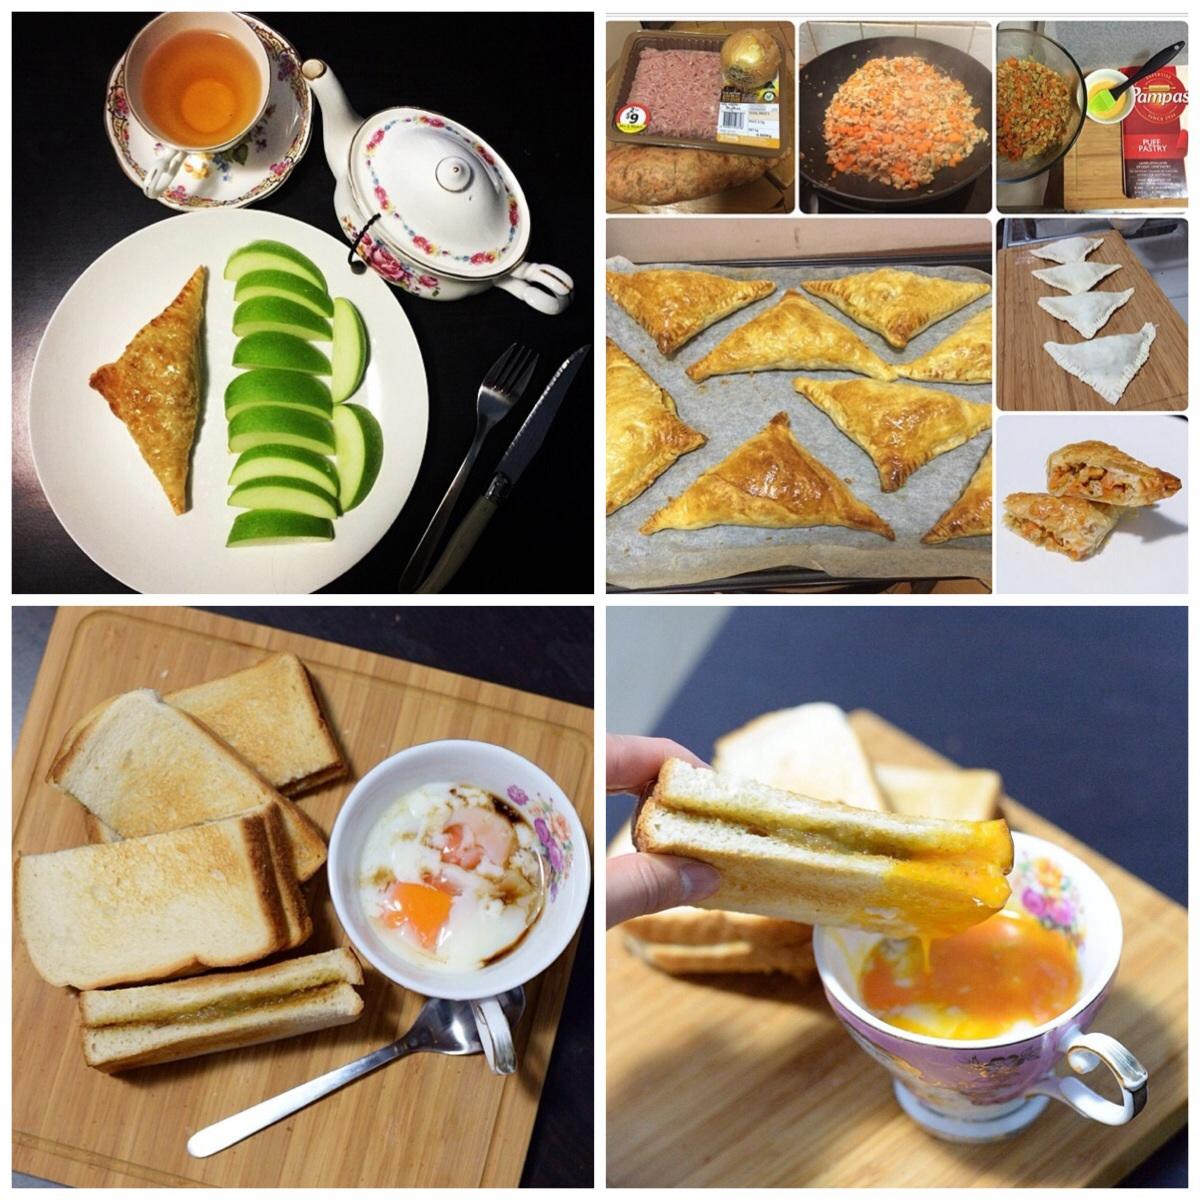 อาหารเช้าง่ายๆ เมนูขนมปัง